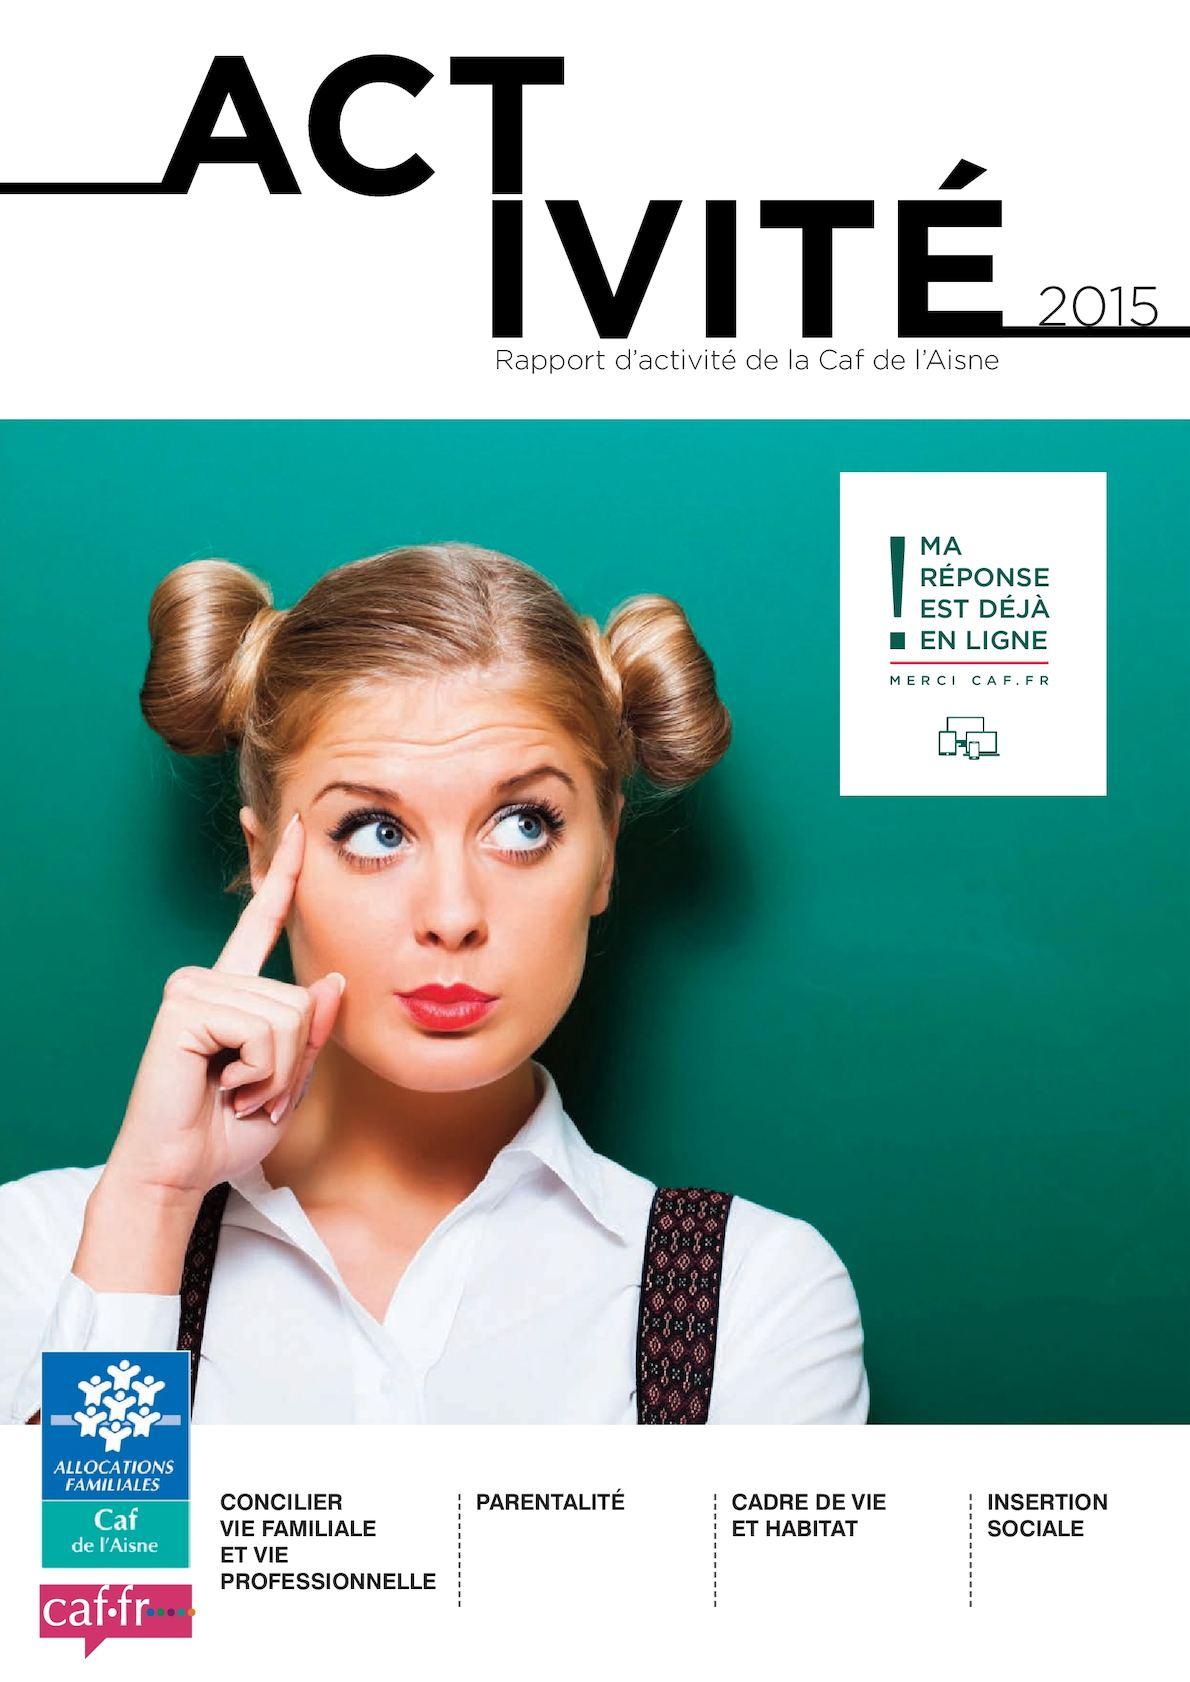 Rapport d'activité 2015 de La Caf de L'Aisne